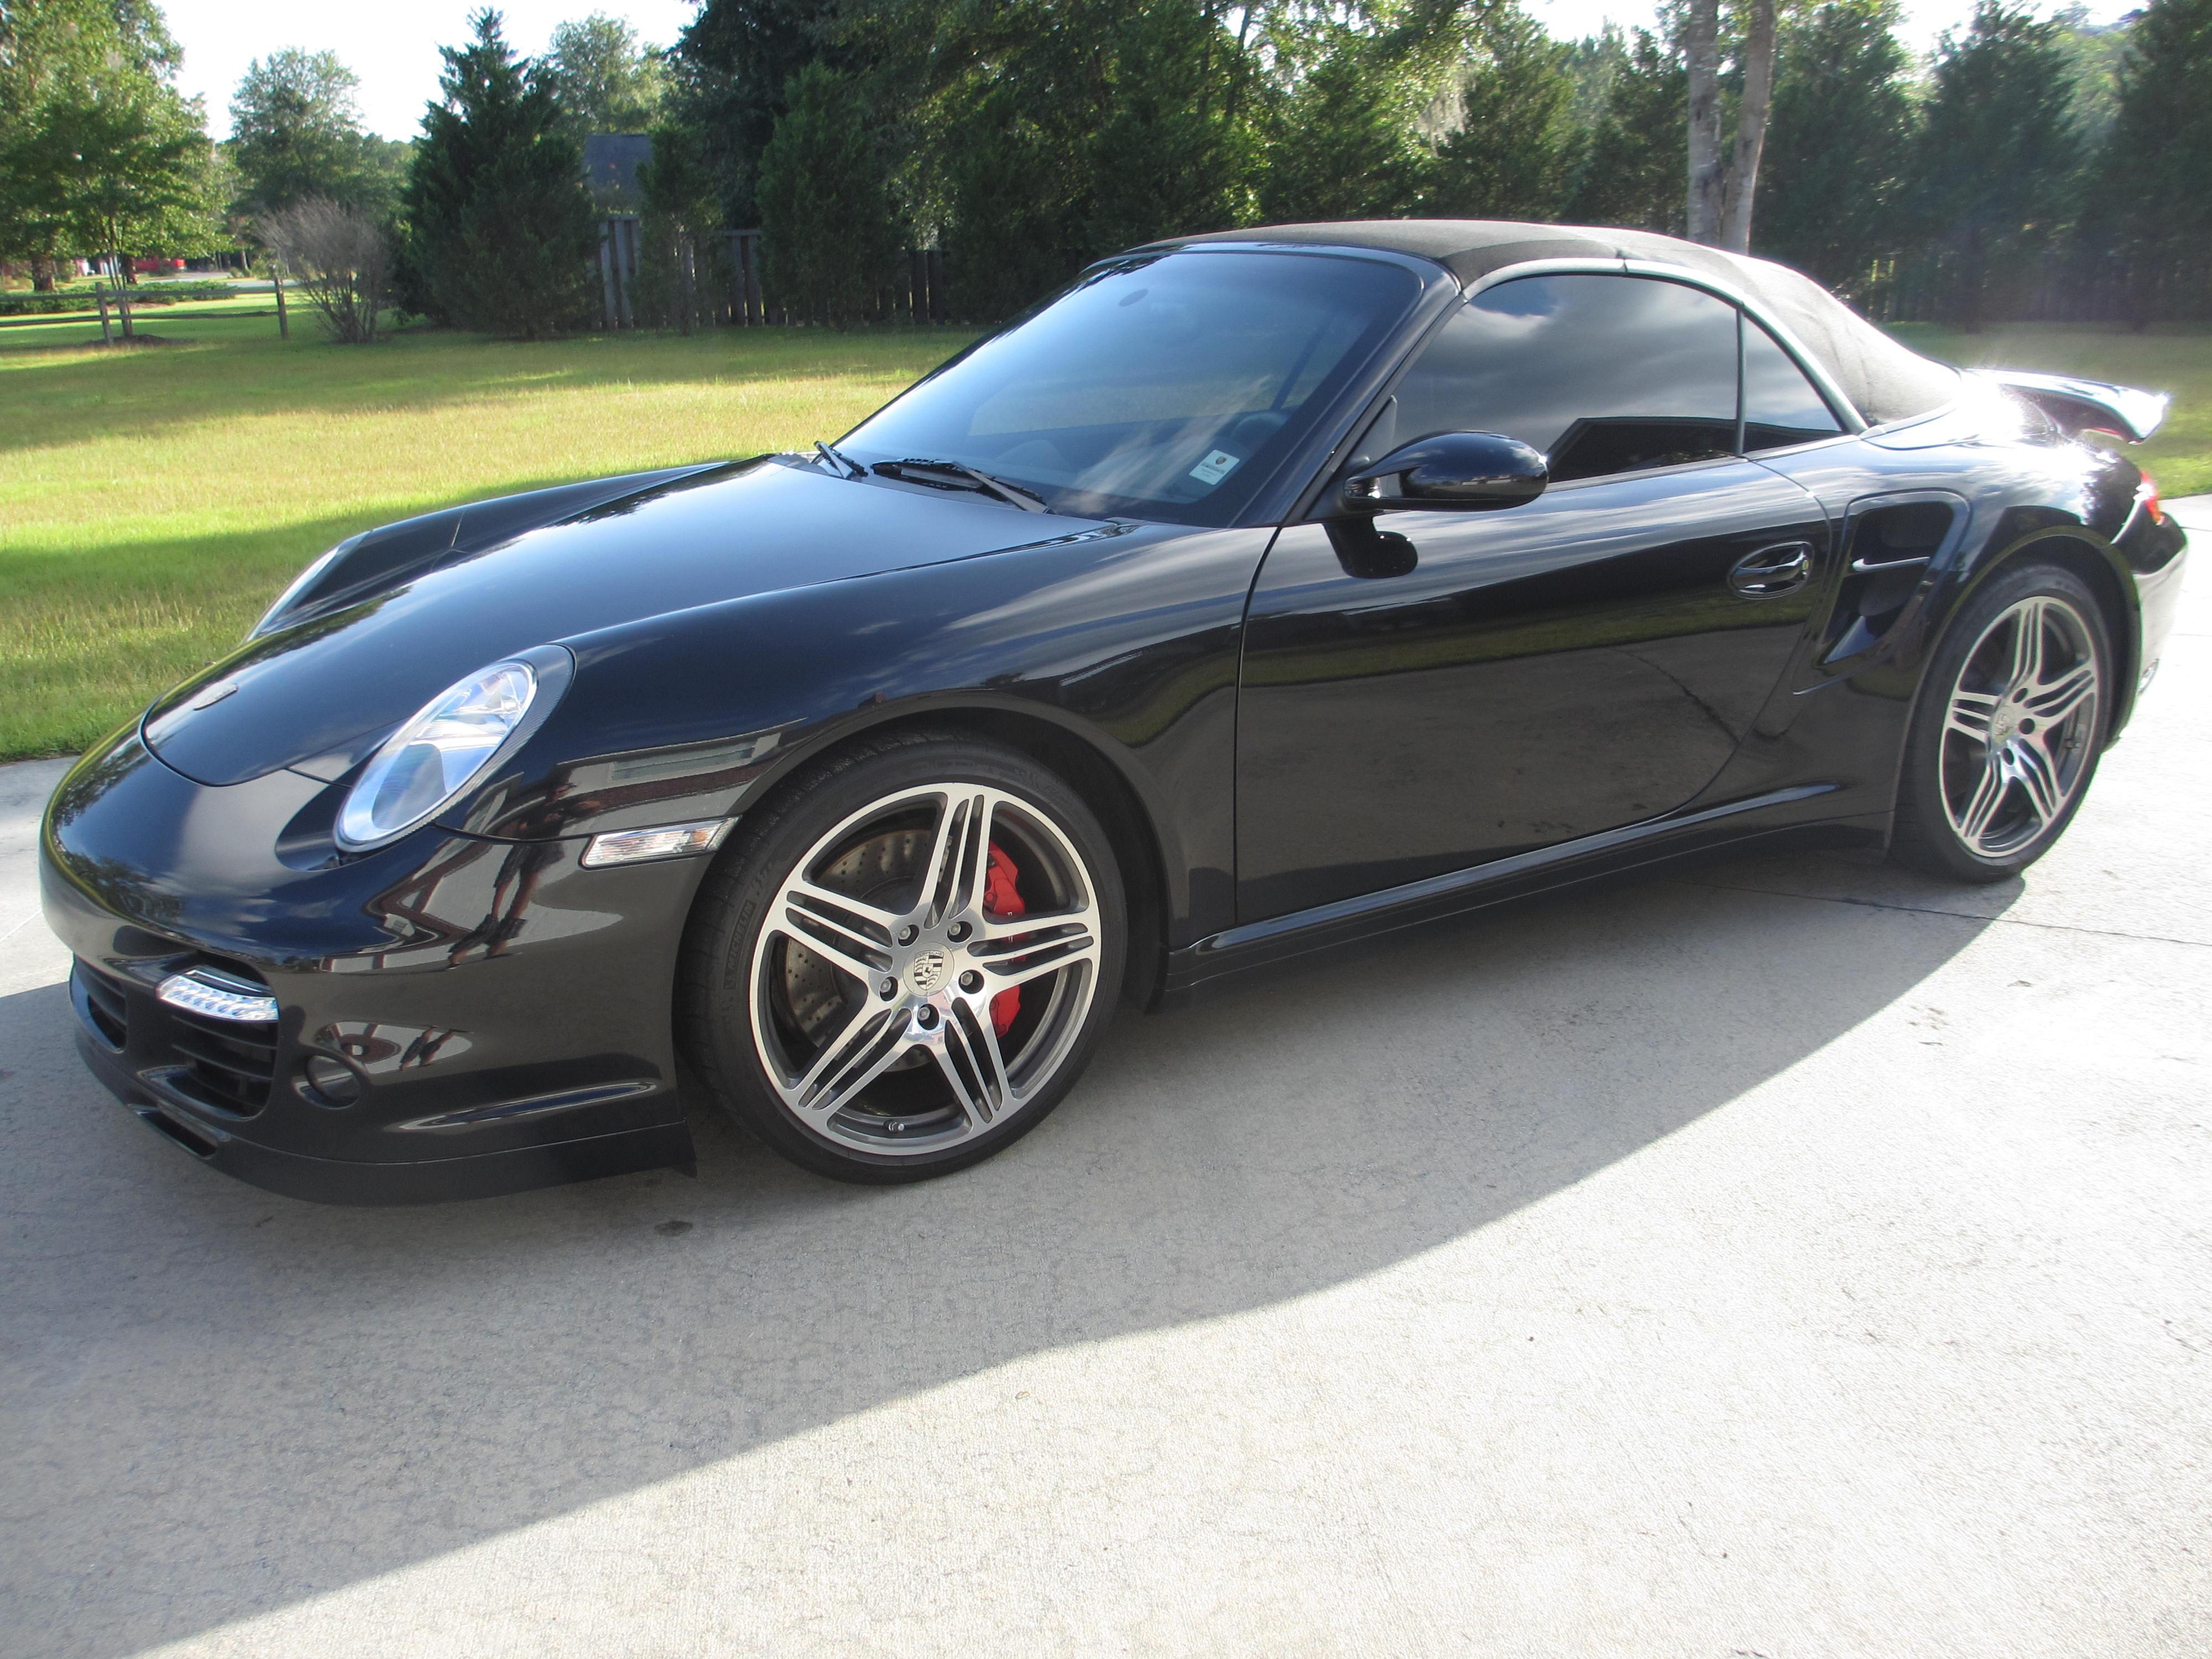 For Sale 2008 Porsche 911 Turbo Cabrio Porschebahn Weblog